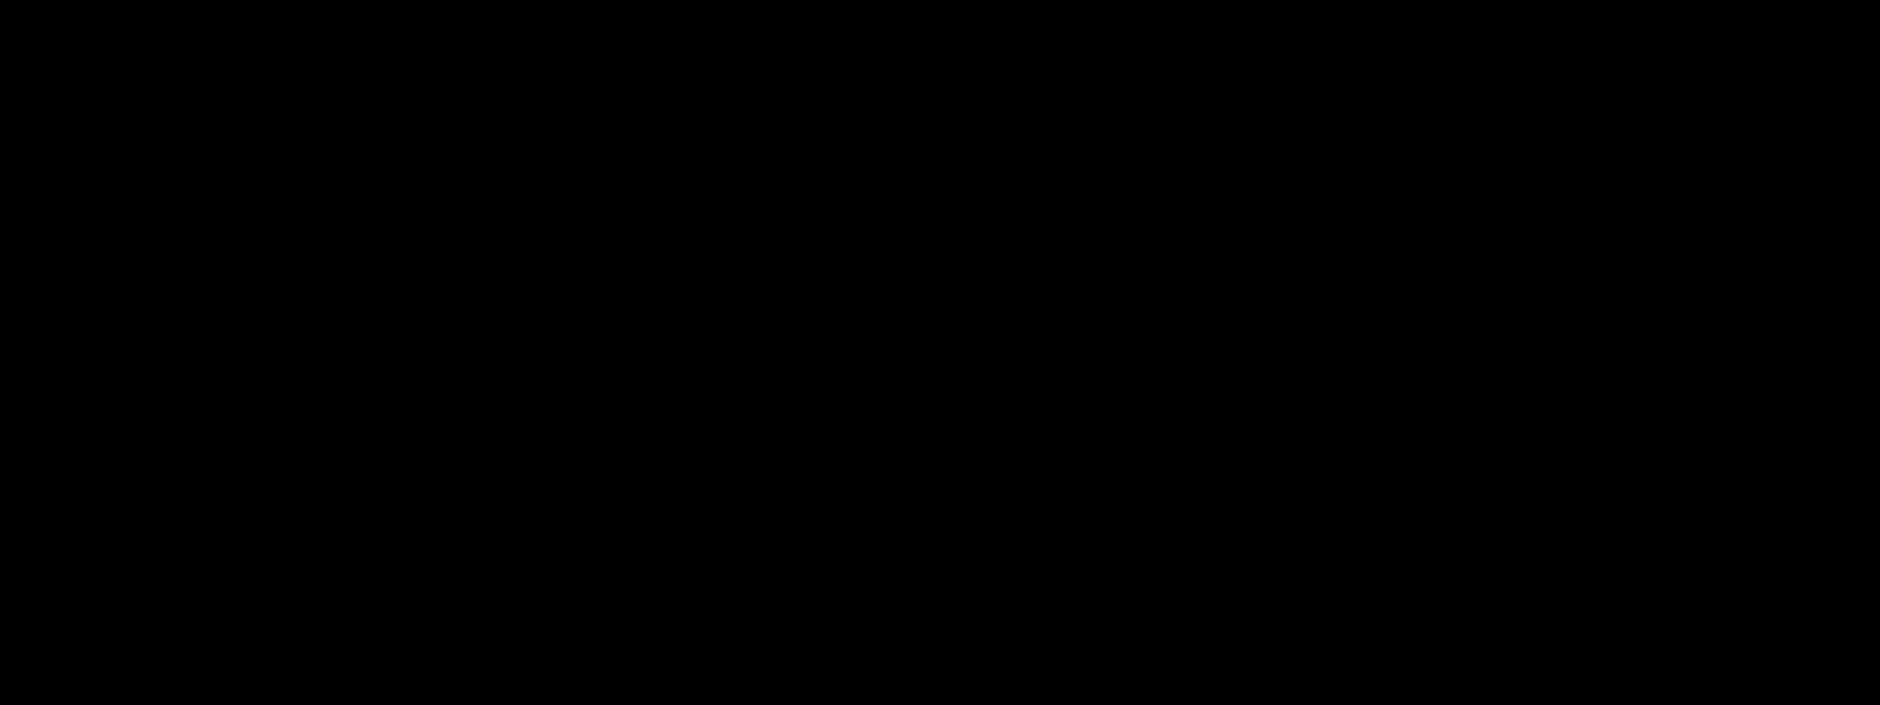 KACO STYLE